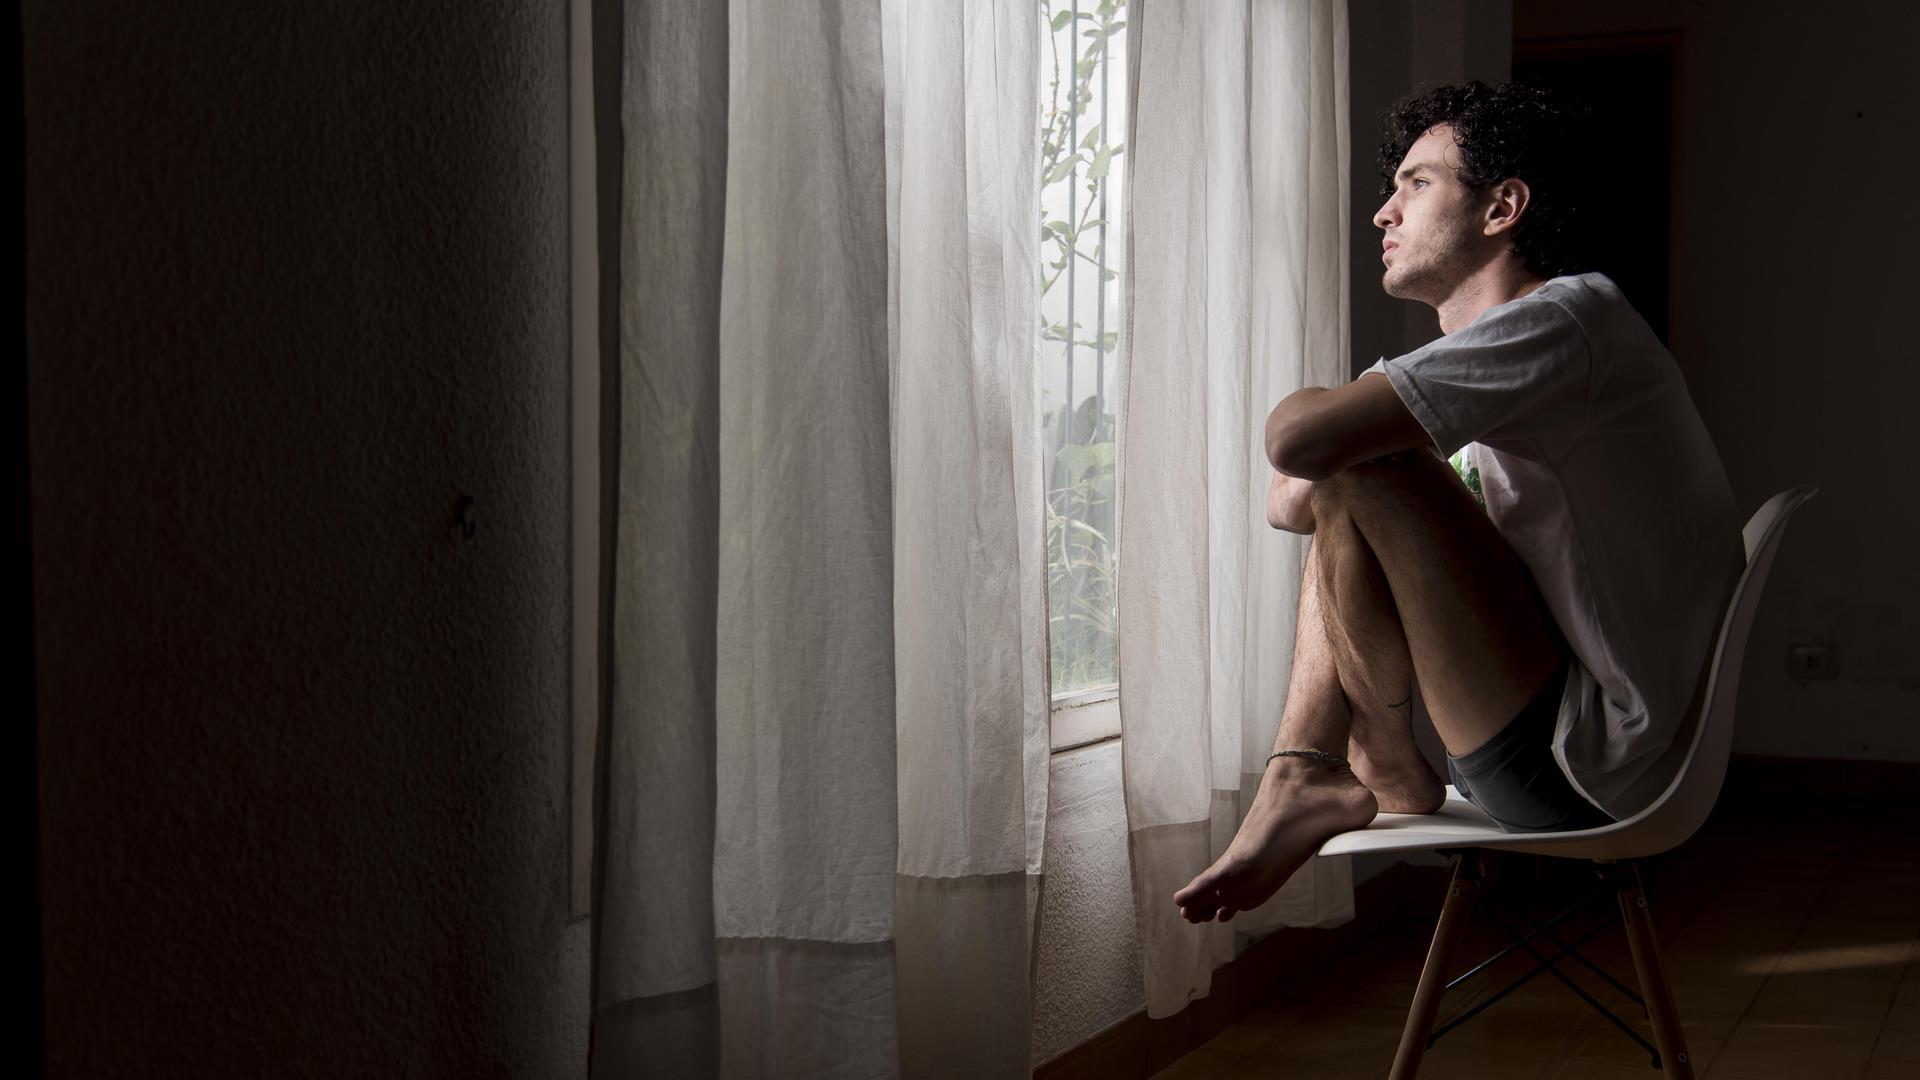 homme fenêtre soucieux angoisse peur pensées